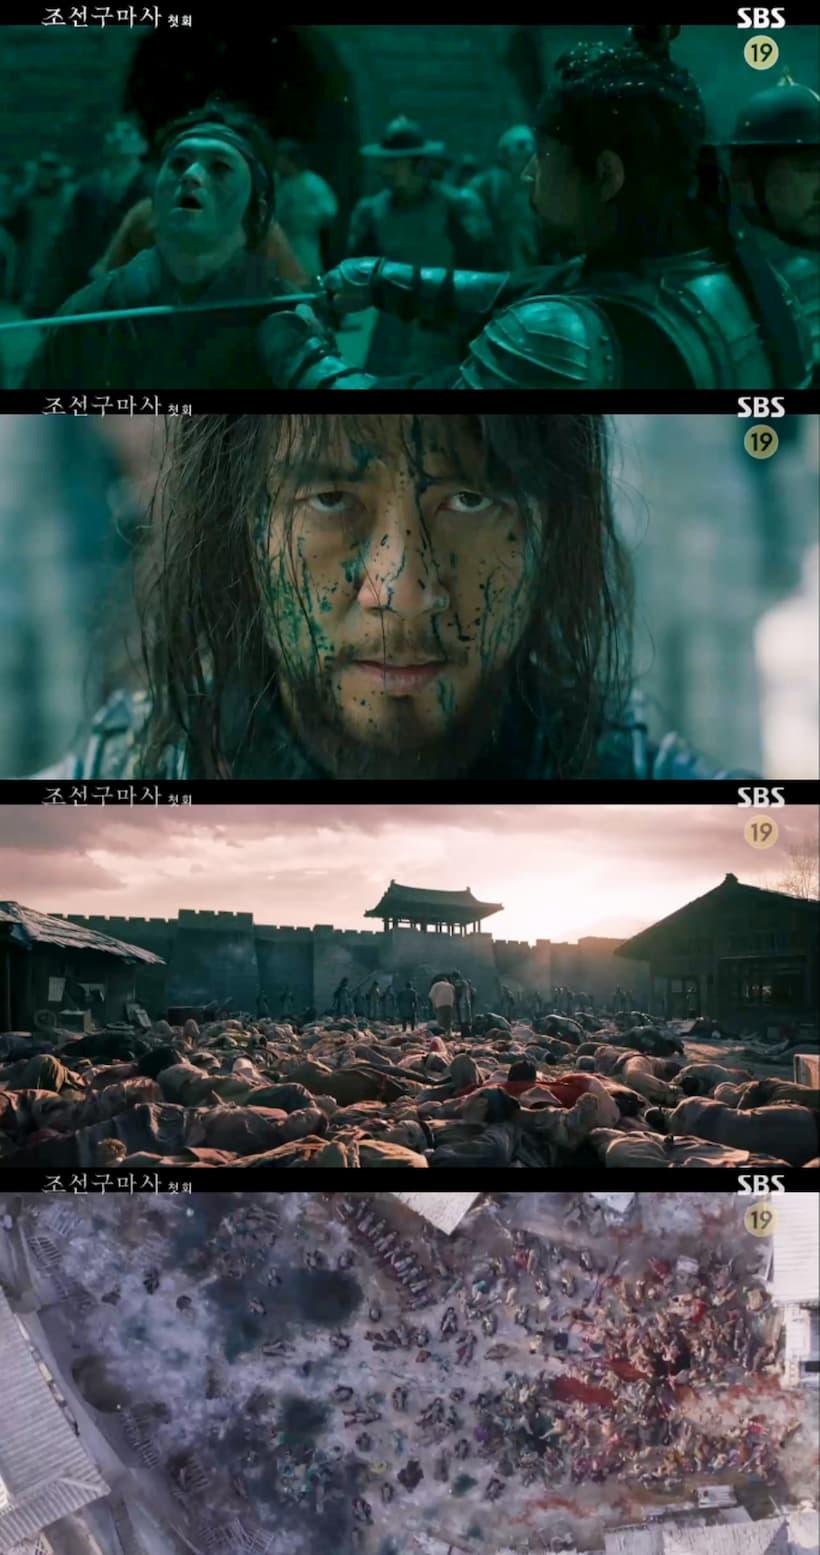 รีแคปซีรีส์ Joseon Exorcist EP.1 : อาซาเซล หัวหน้าวิญญาณชั่วร้าย